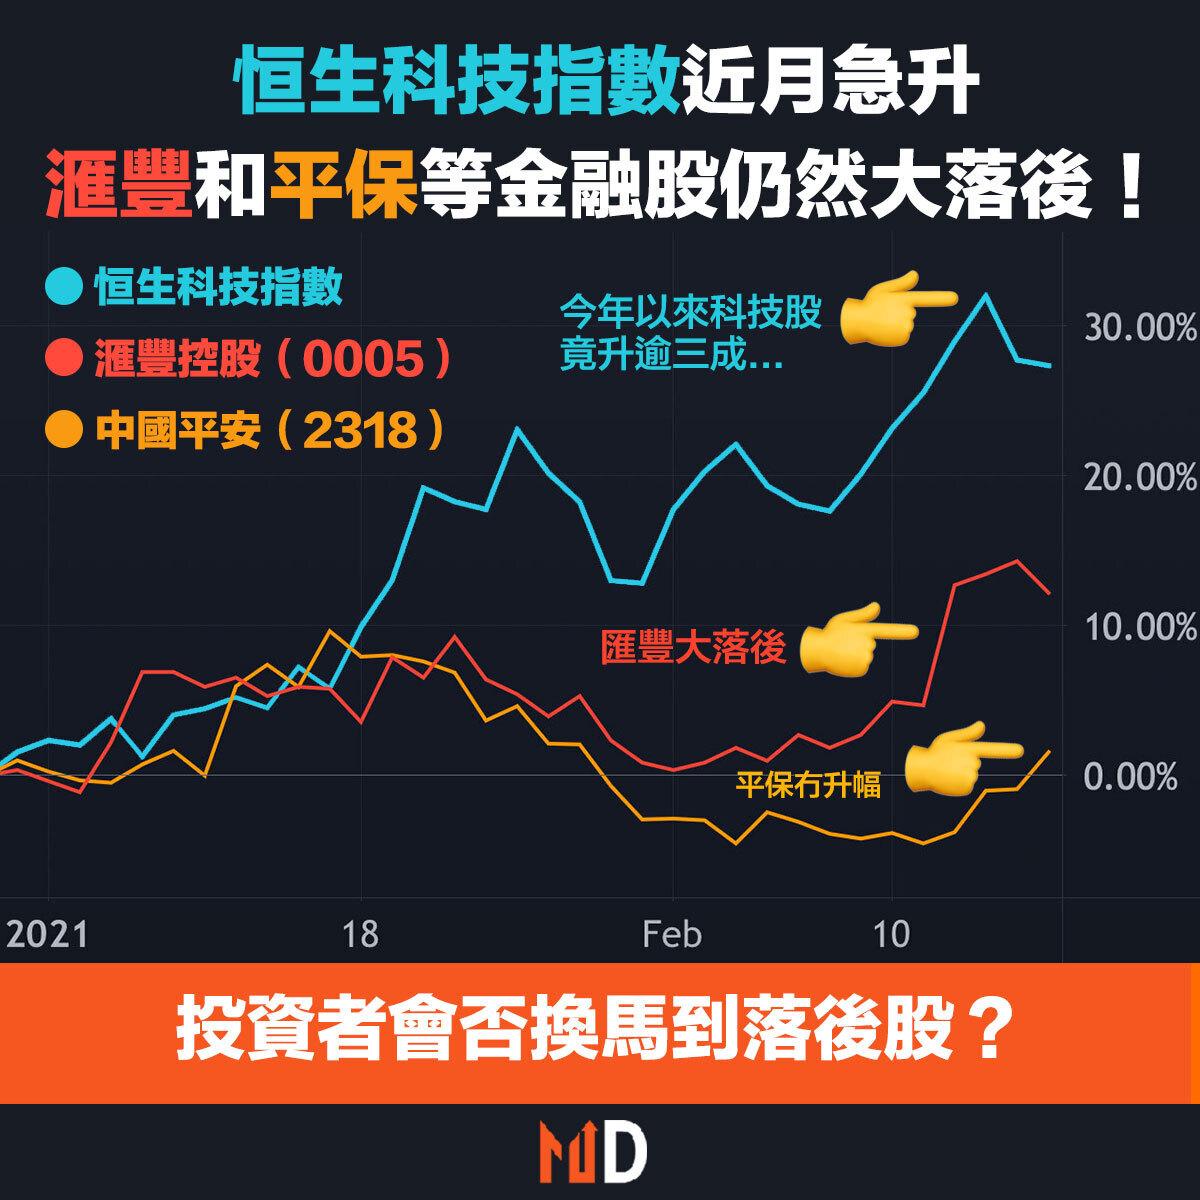 【市埸熱話】科技股近月急升,是時候撈舊經濟股追落後?滙控、平保近日有轉強跡象